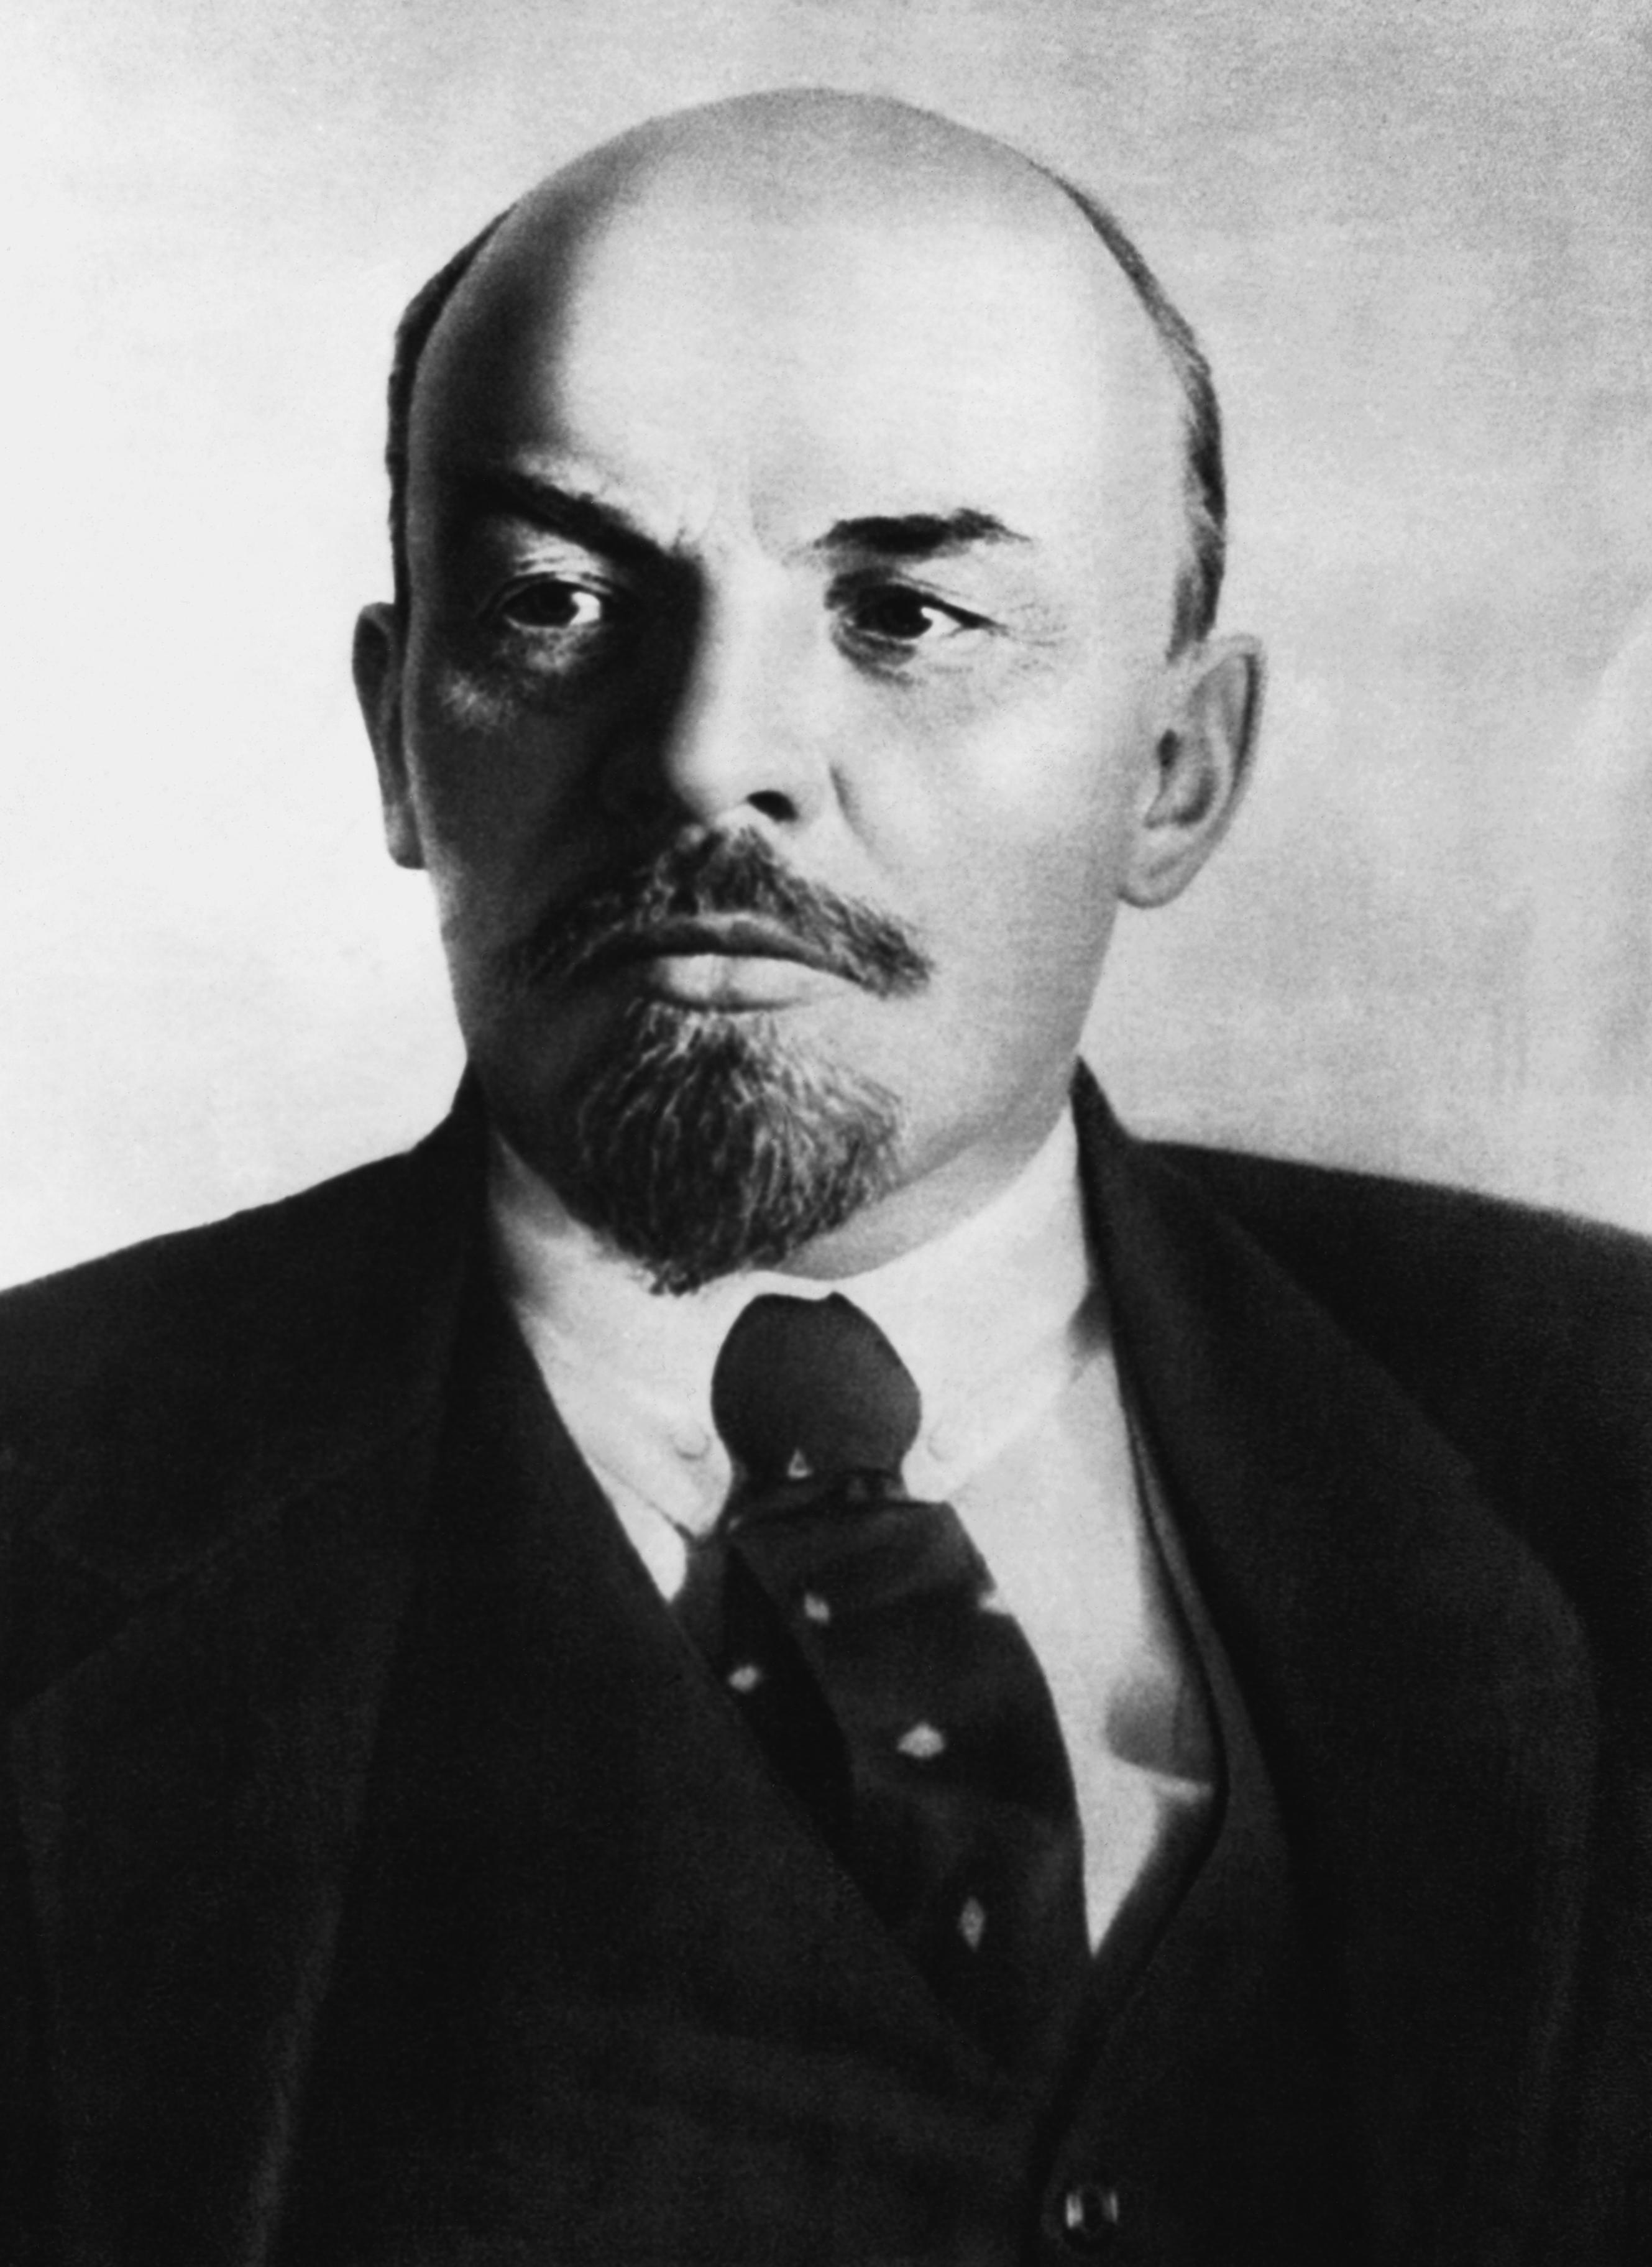 Портрет Ленина Владимира Ильича. Portrait of Lenin